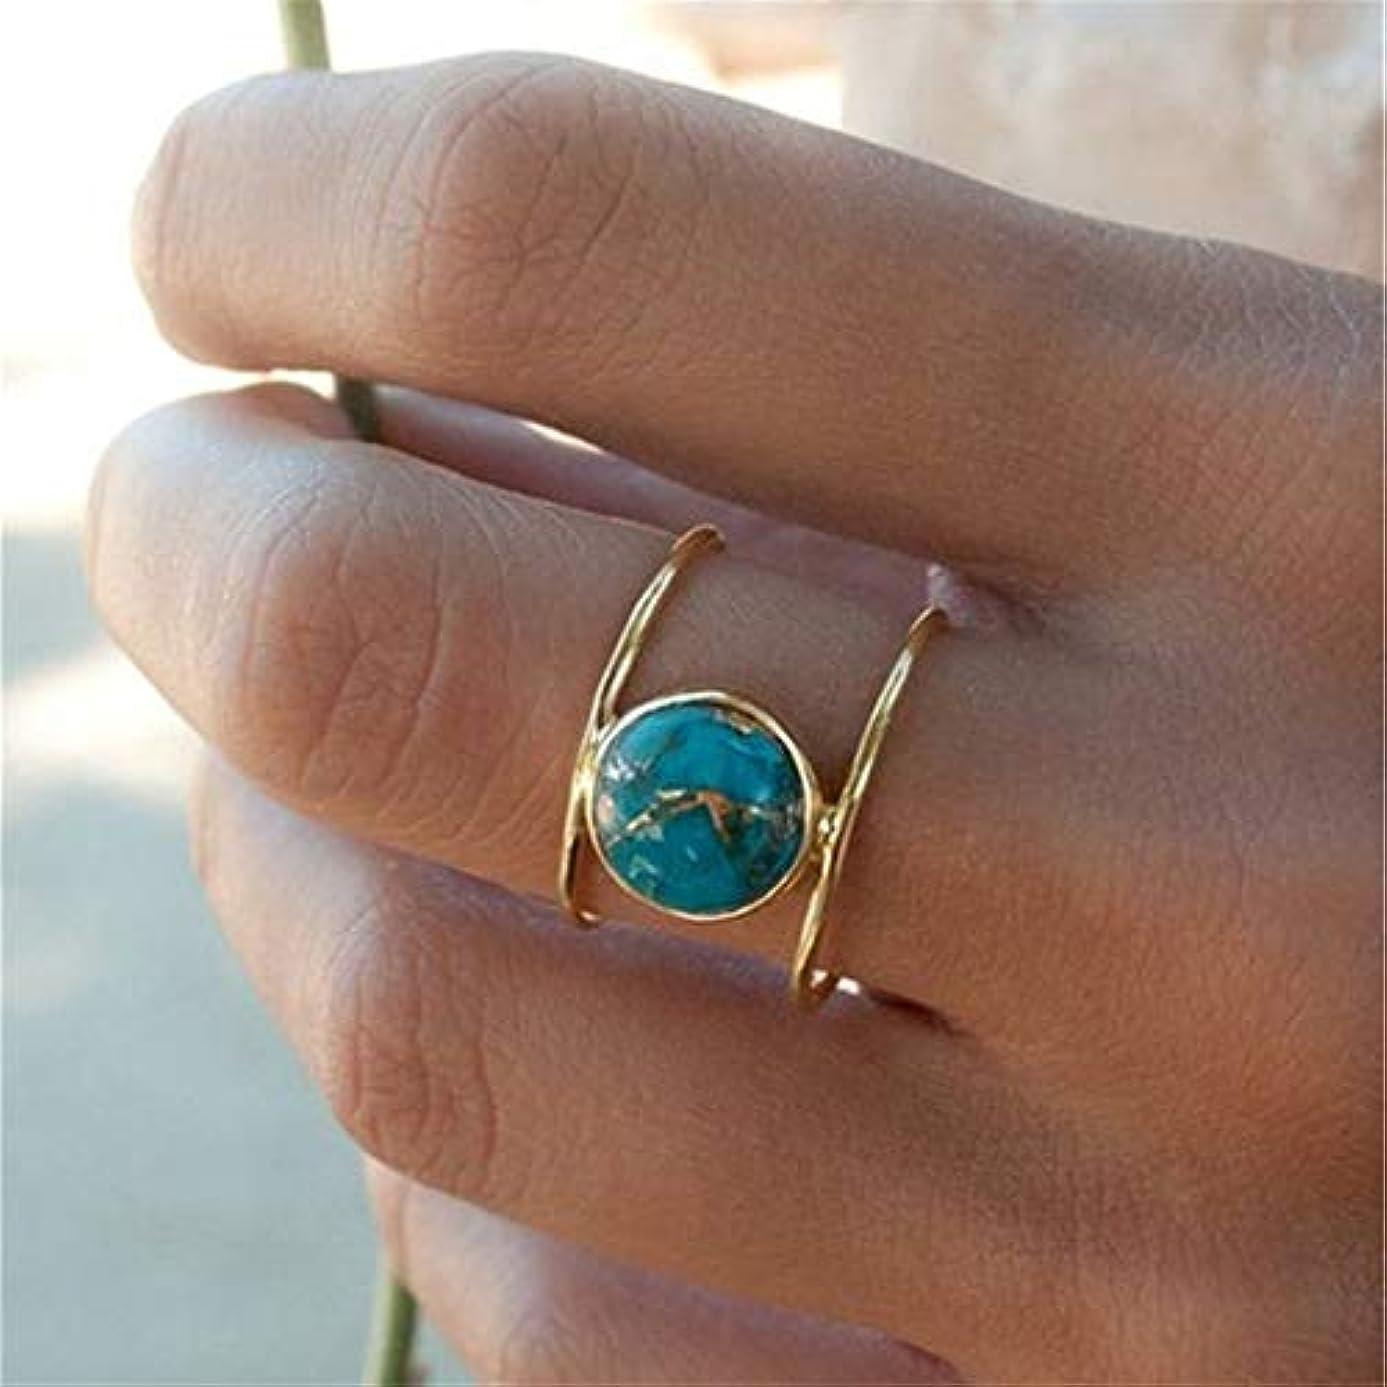 乙女したがって資産Sperrinsシンプル ターコイズ リング 金の指輪 (7)